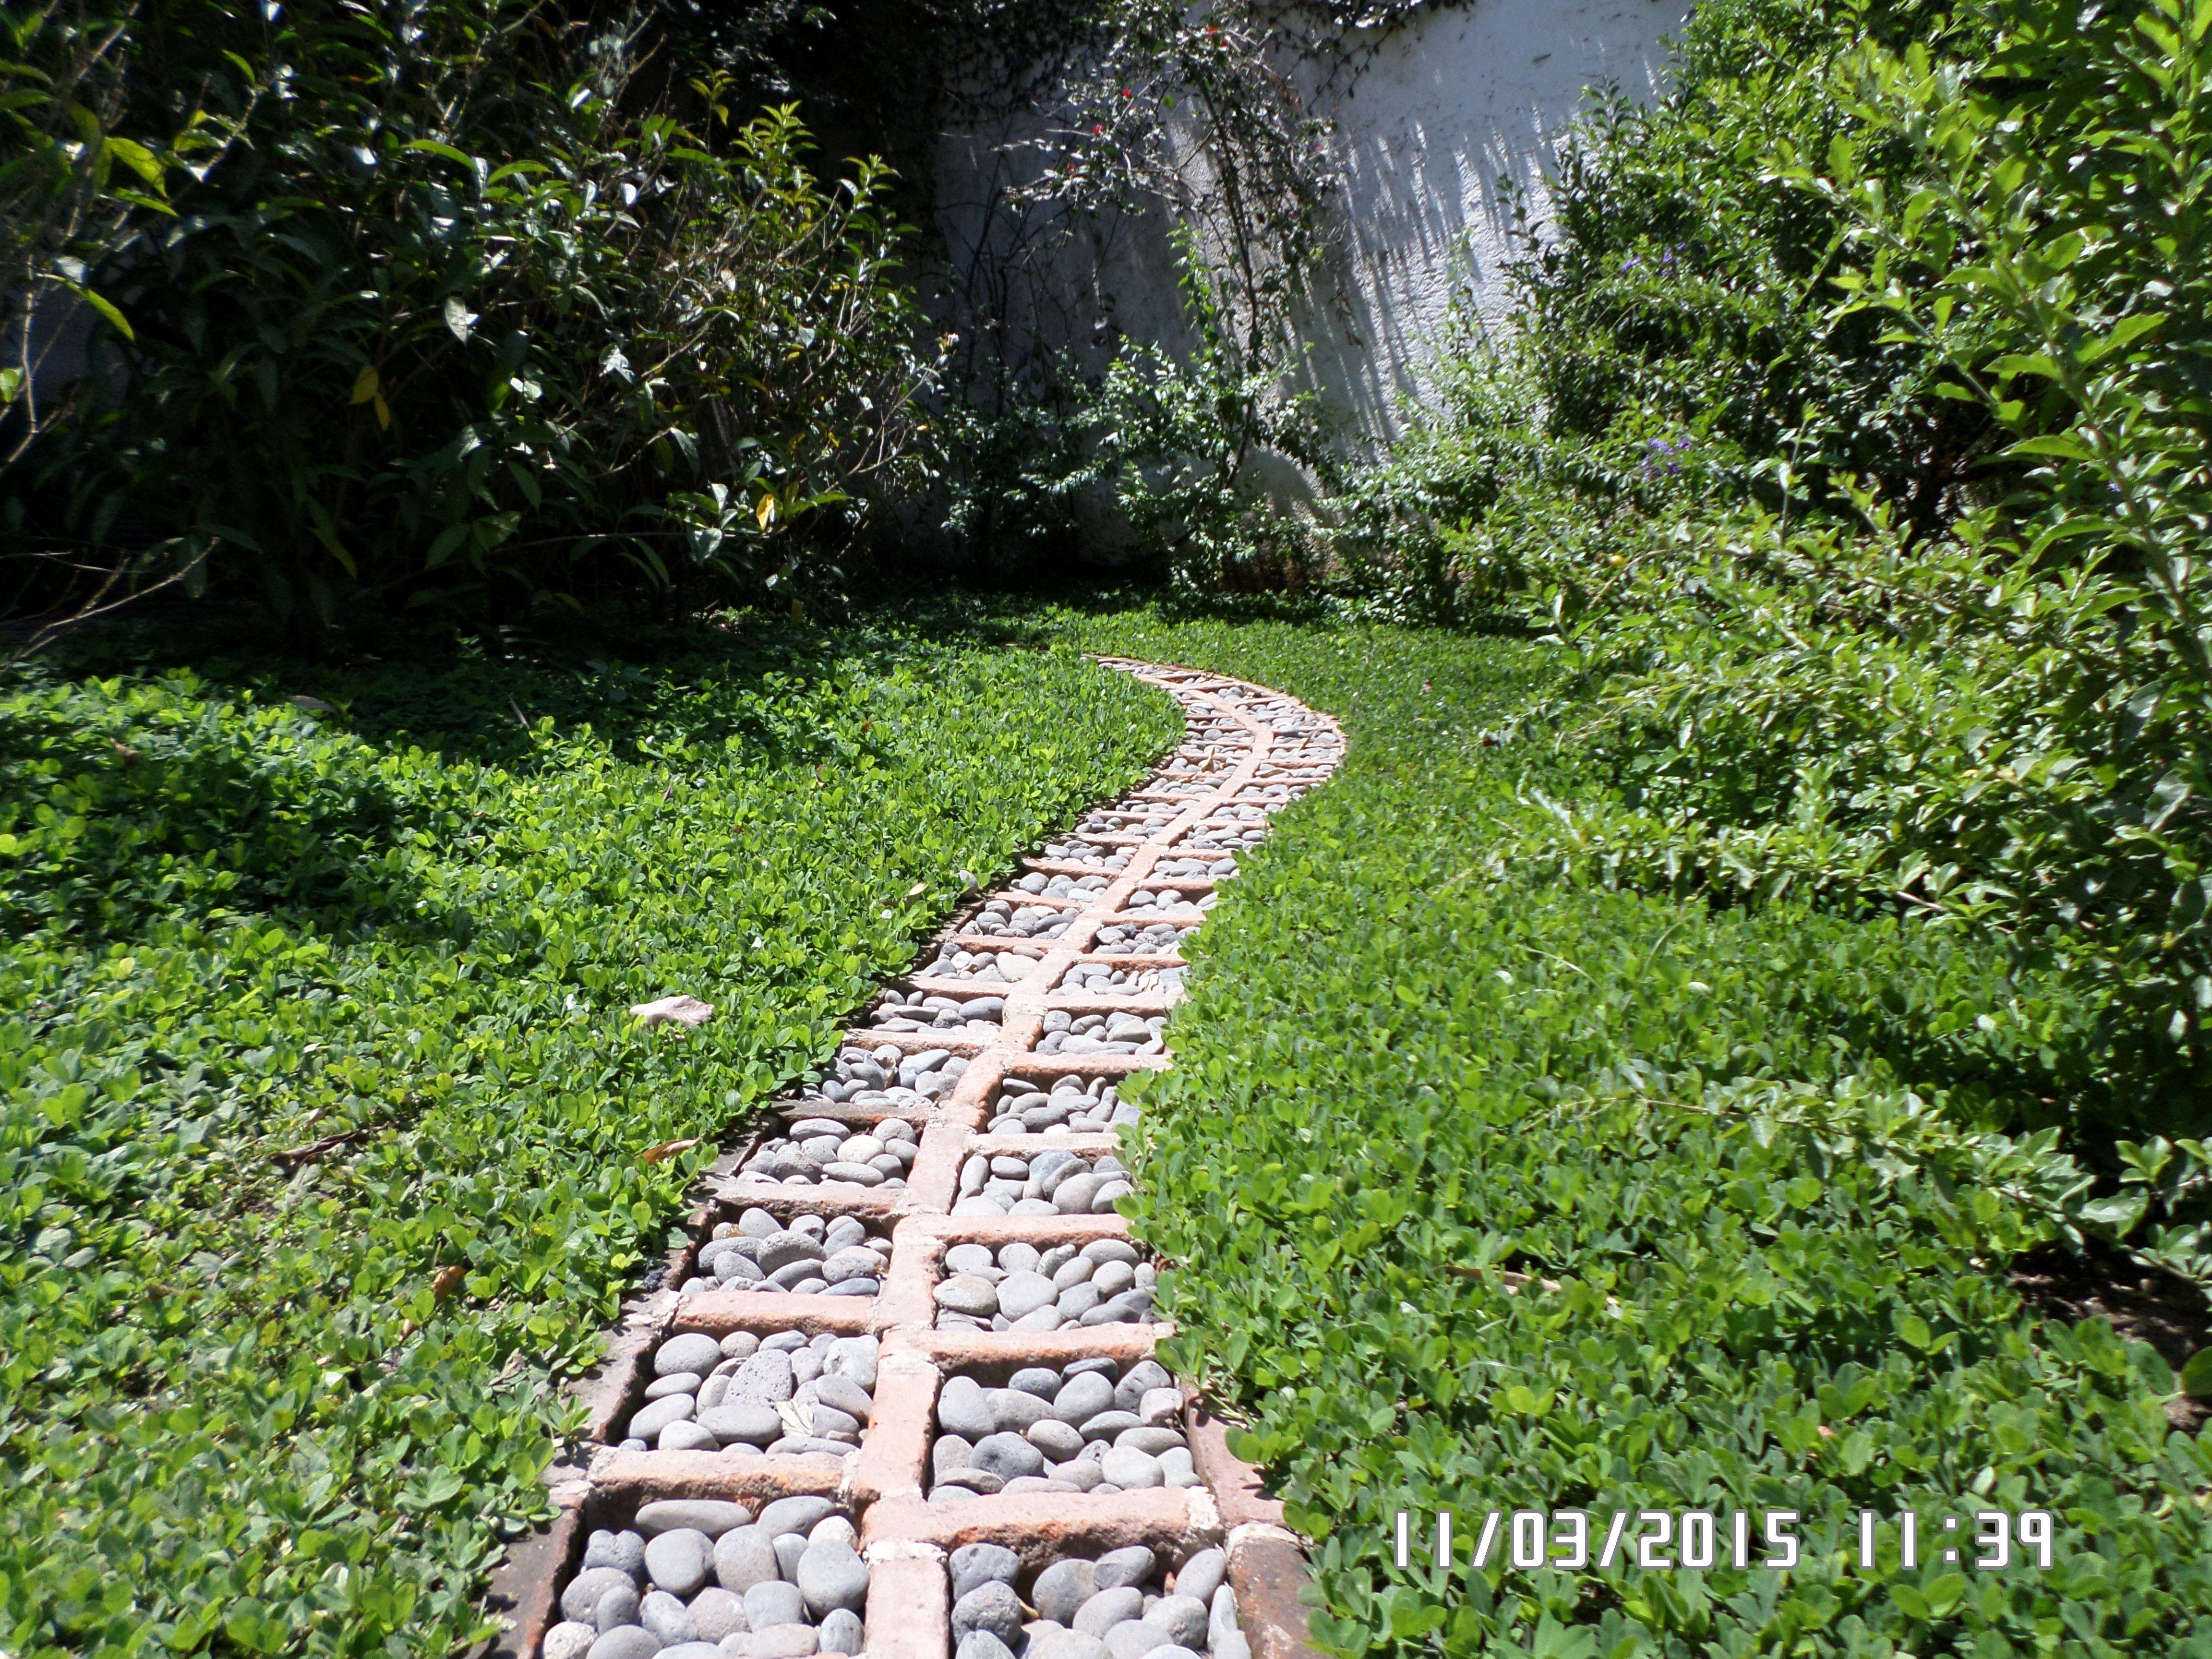 camino de piedra de canto rodado y ladrillo artesanal 8